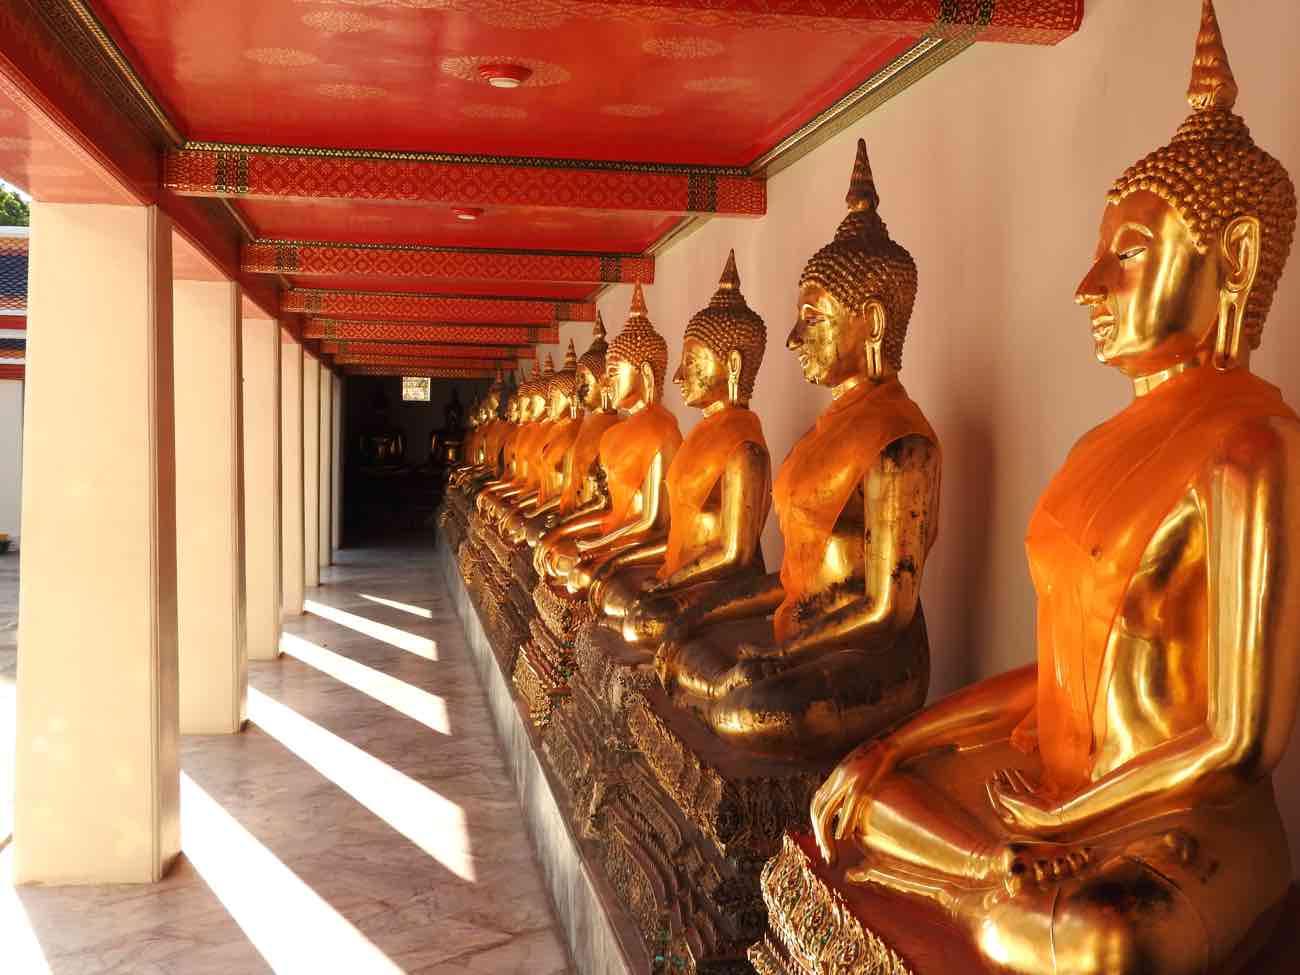 thailand itinerary 2 weeks bangkok buddha statues